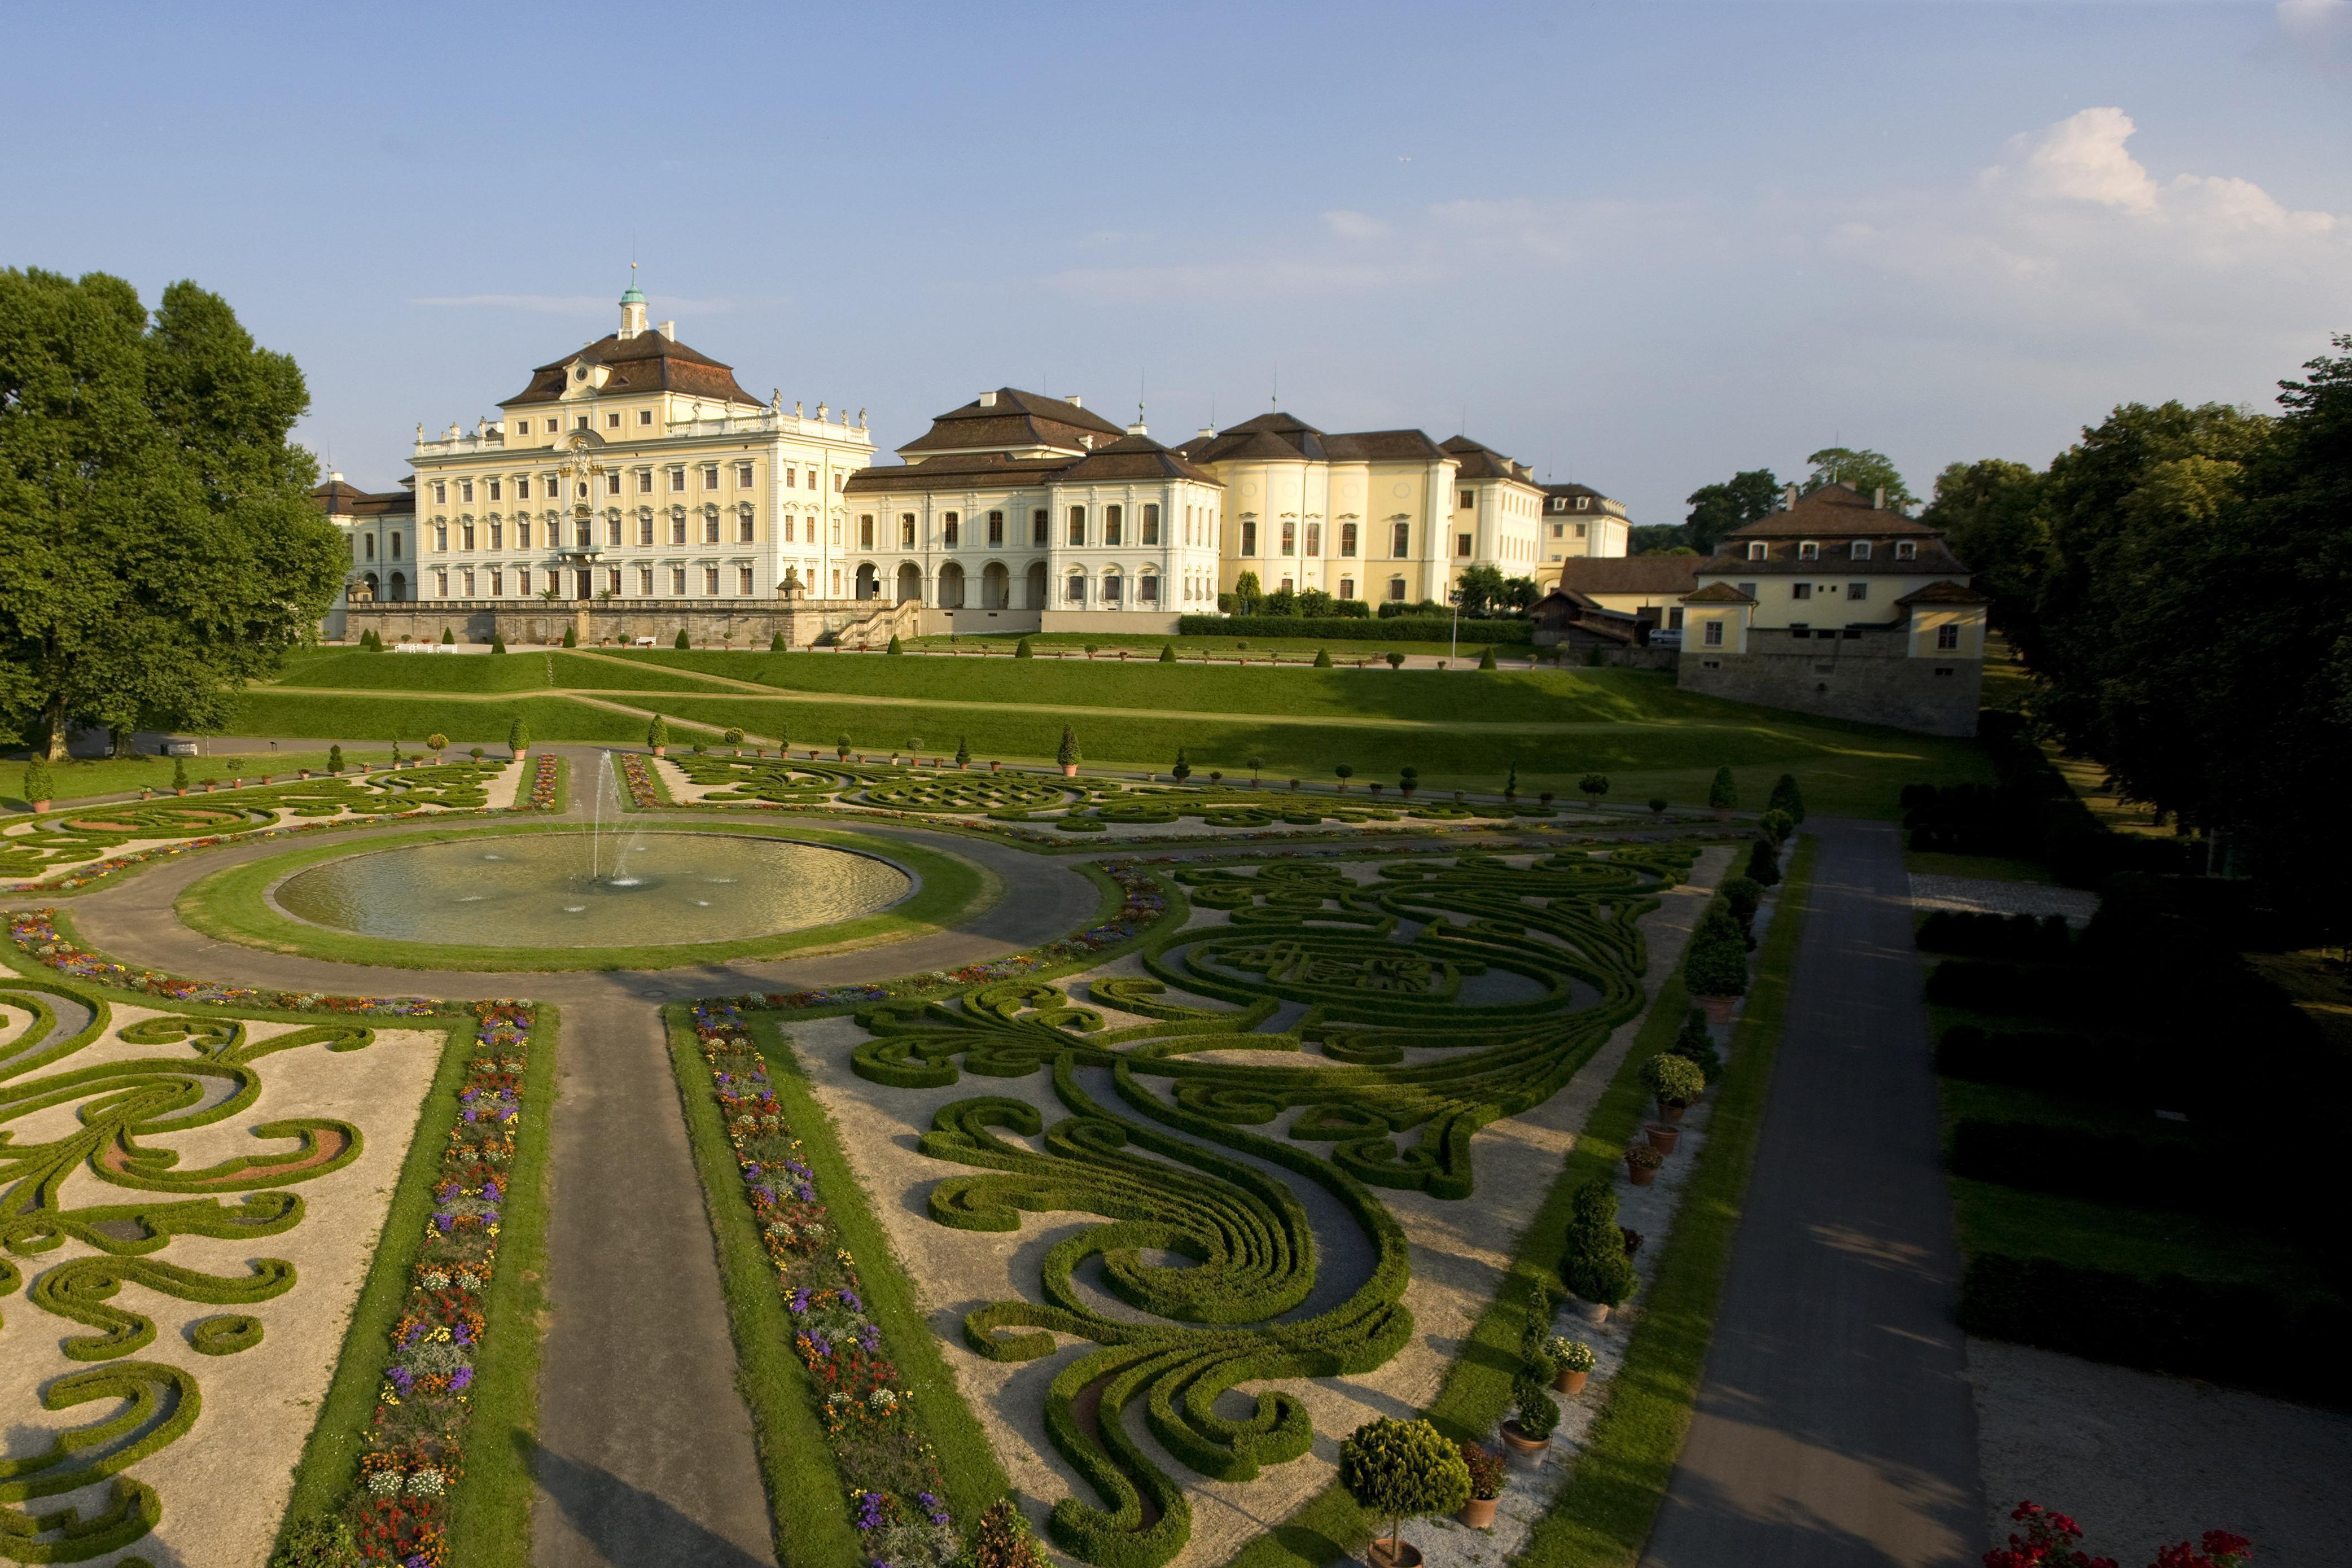 Old central building and kitchen building at Ludwigsburg Residential Palace. Image: Staatliche Schlösser und Gärten Baden-Württemberg, Achim Mende